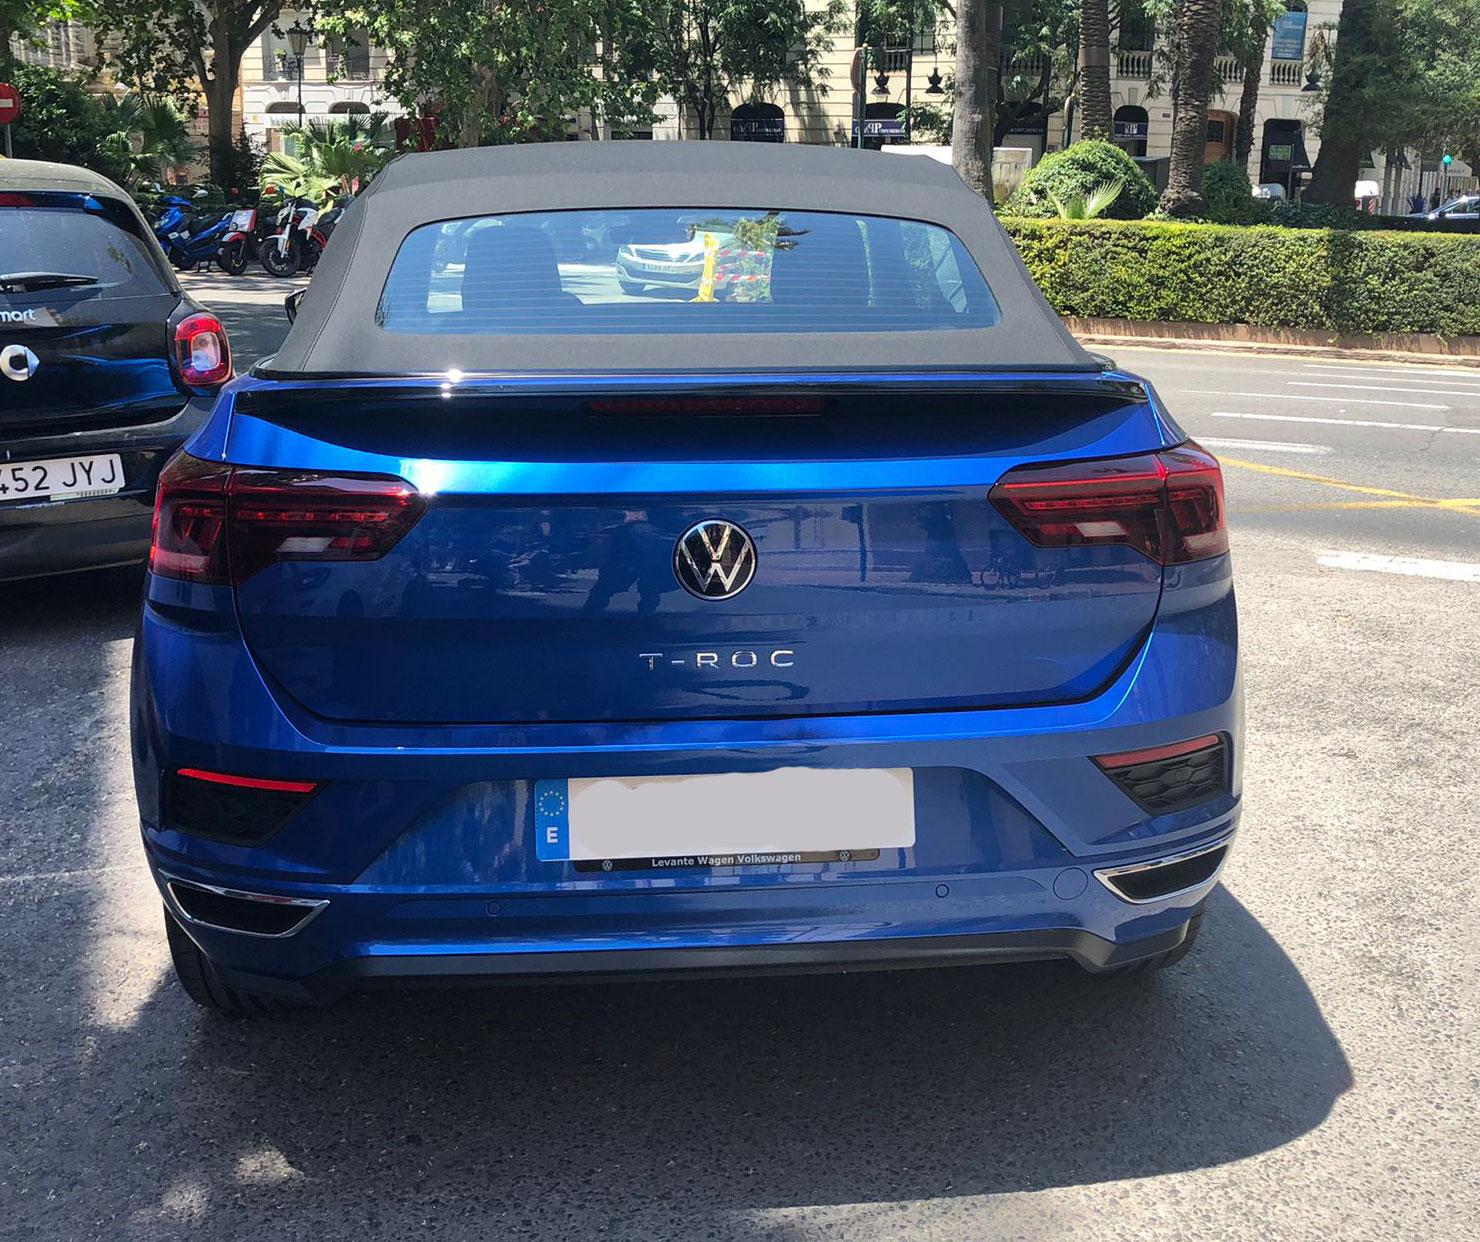 Volkswagen-TRoc-Cabrio-2